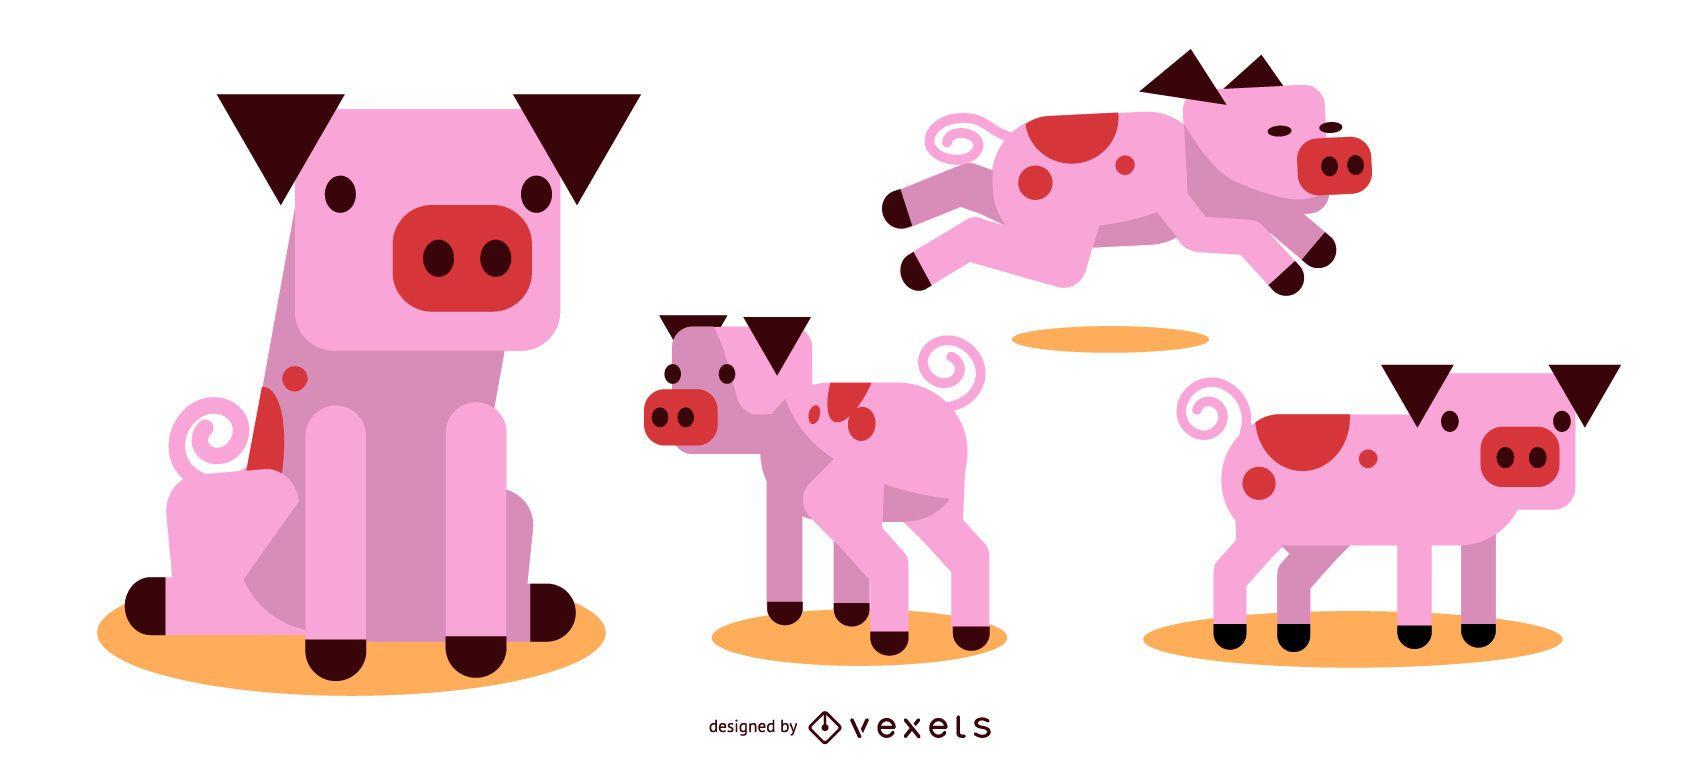 Schwein abgerundete flache geometrische Design